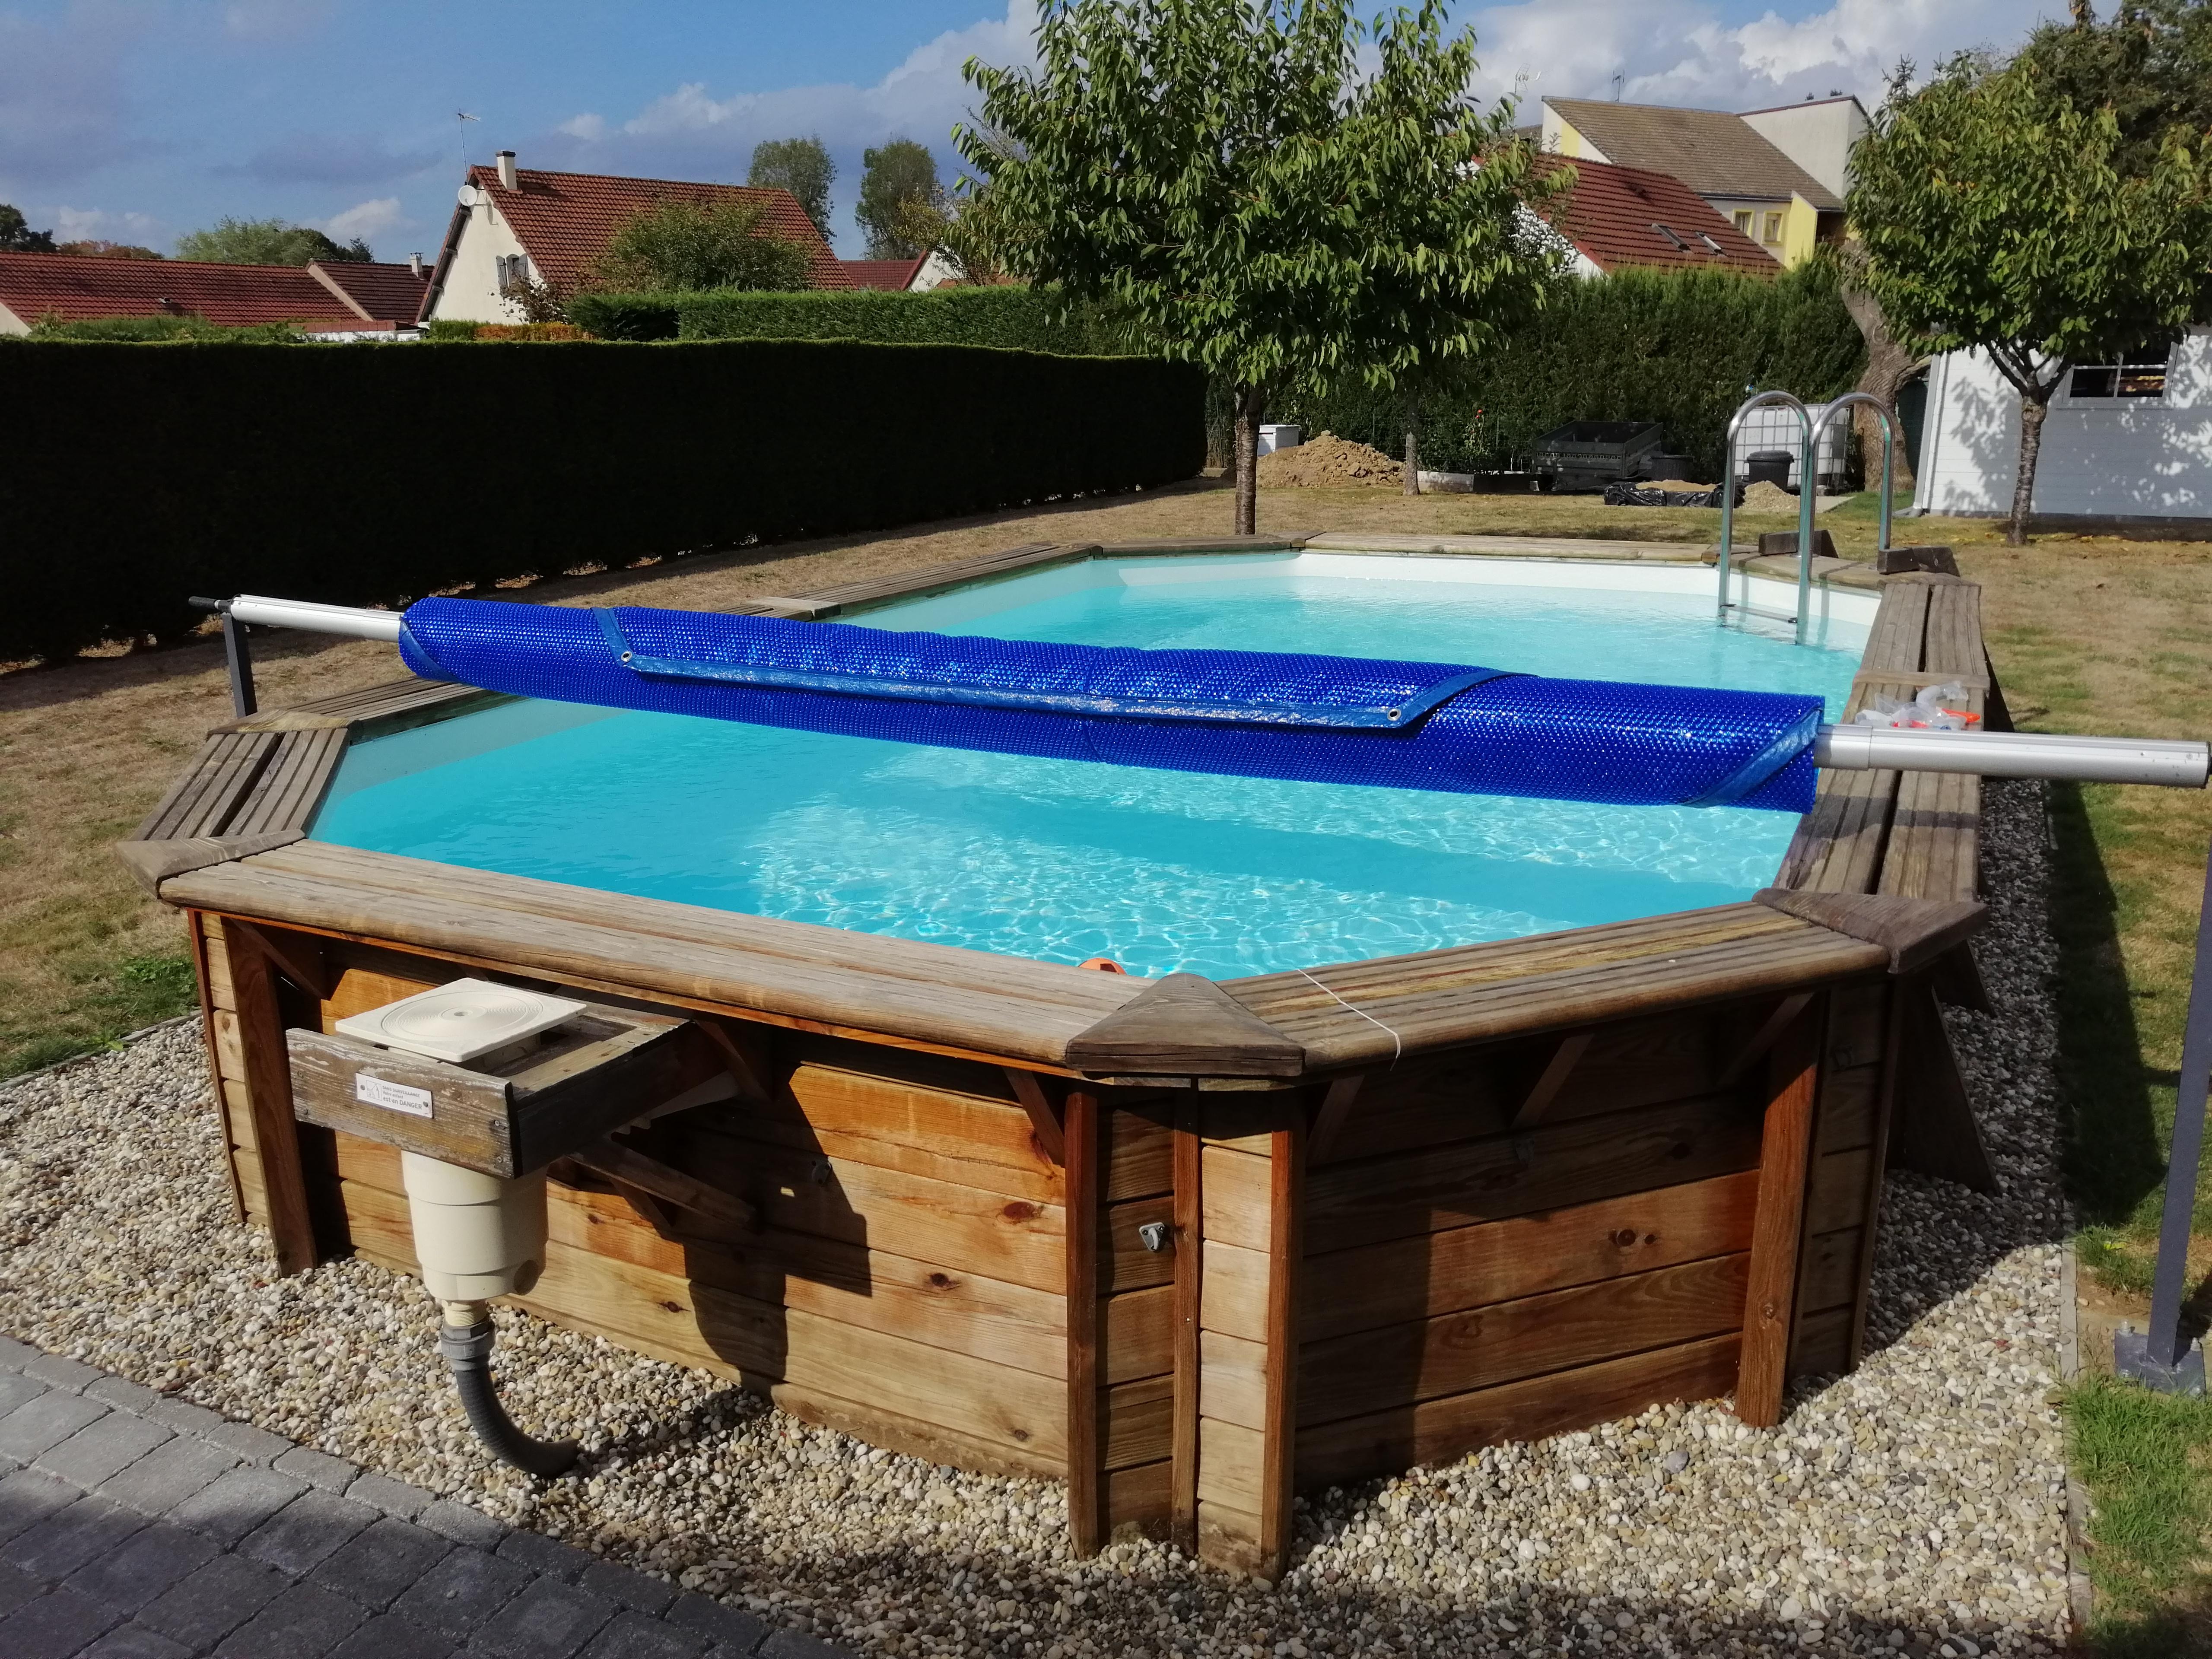 Achetez piscine hors sol occasion, annonce vente à Saint-Germain